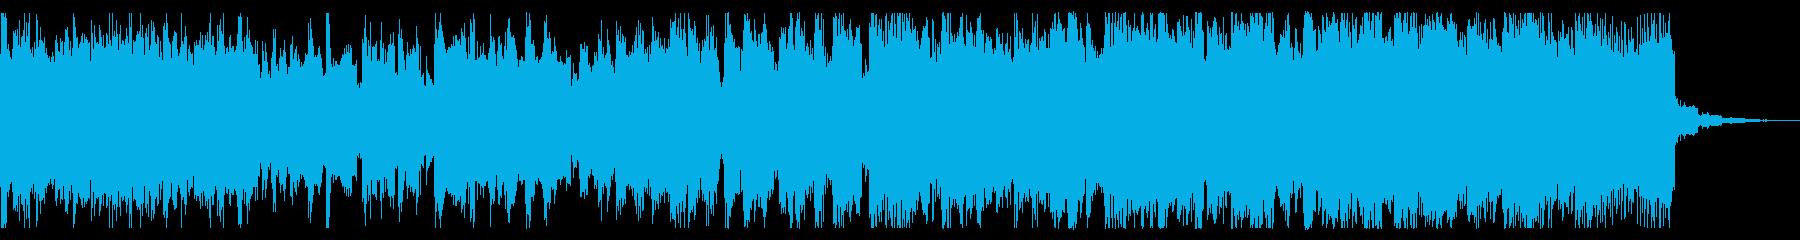 若干シュールでクールな短めチップチューンの再生済みの波形